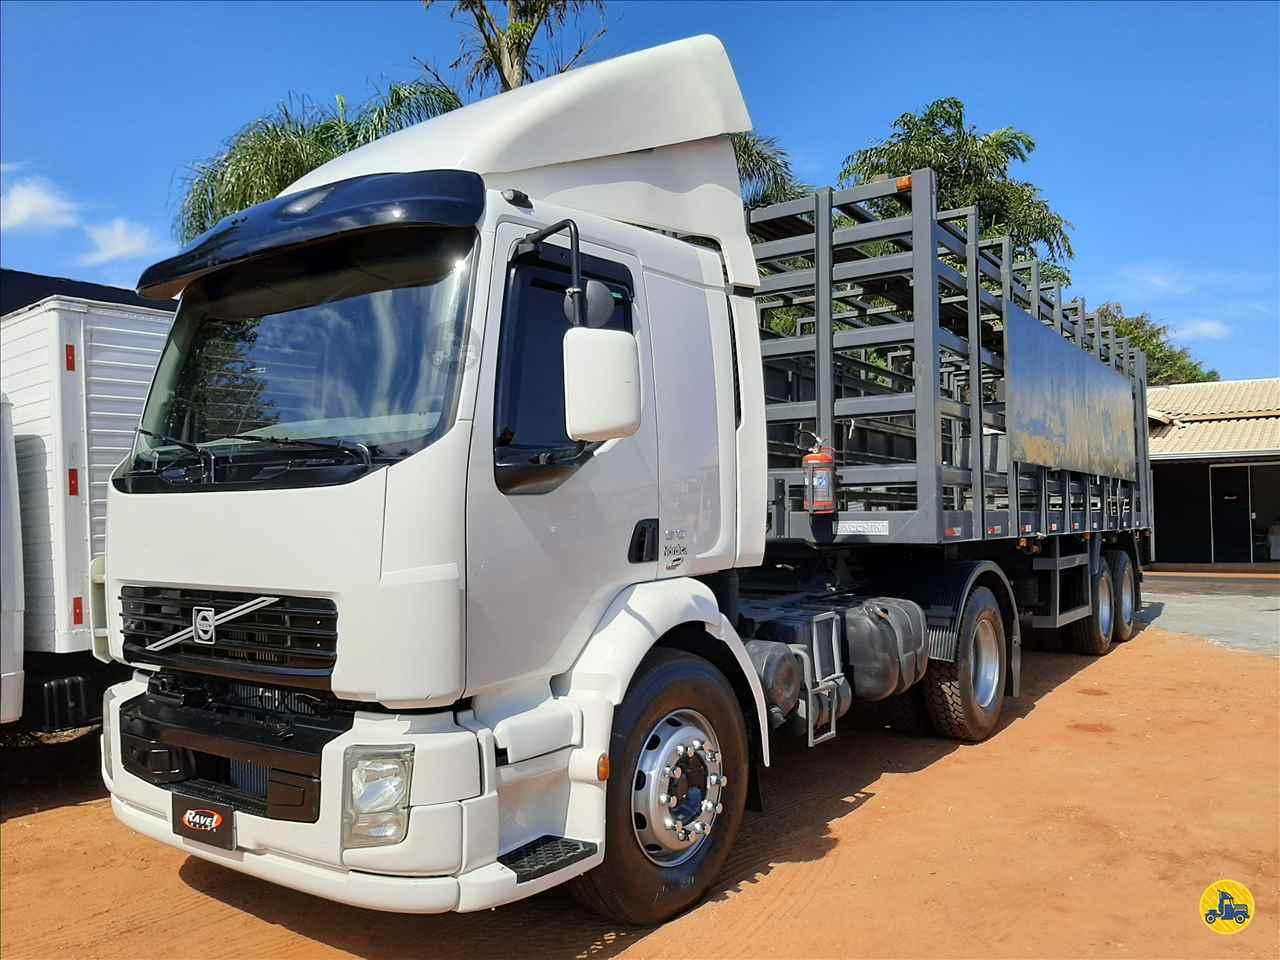 CAMINHAO VOLVO VOLVO VM 260 Cavalo Mecânico Toco 4x2 Ravel Trucks CRAVINHOS SÃO PAULO SP